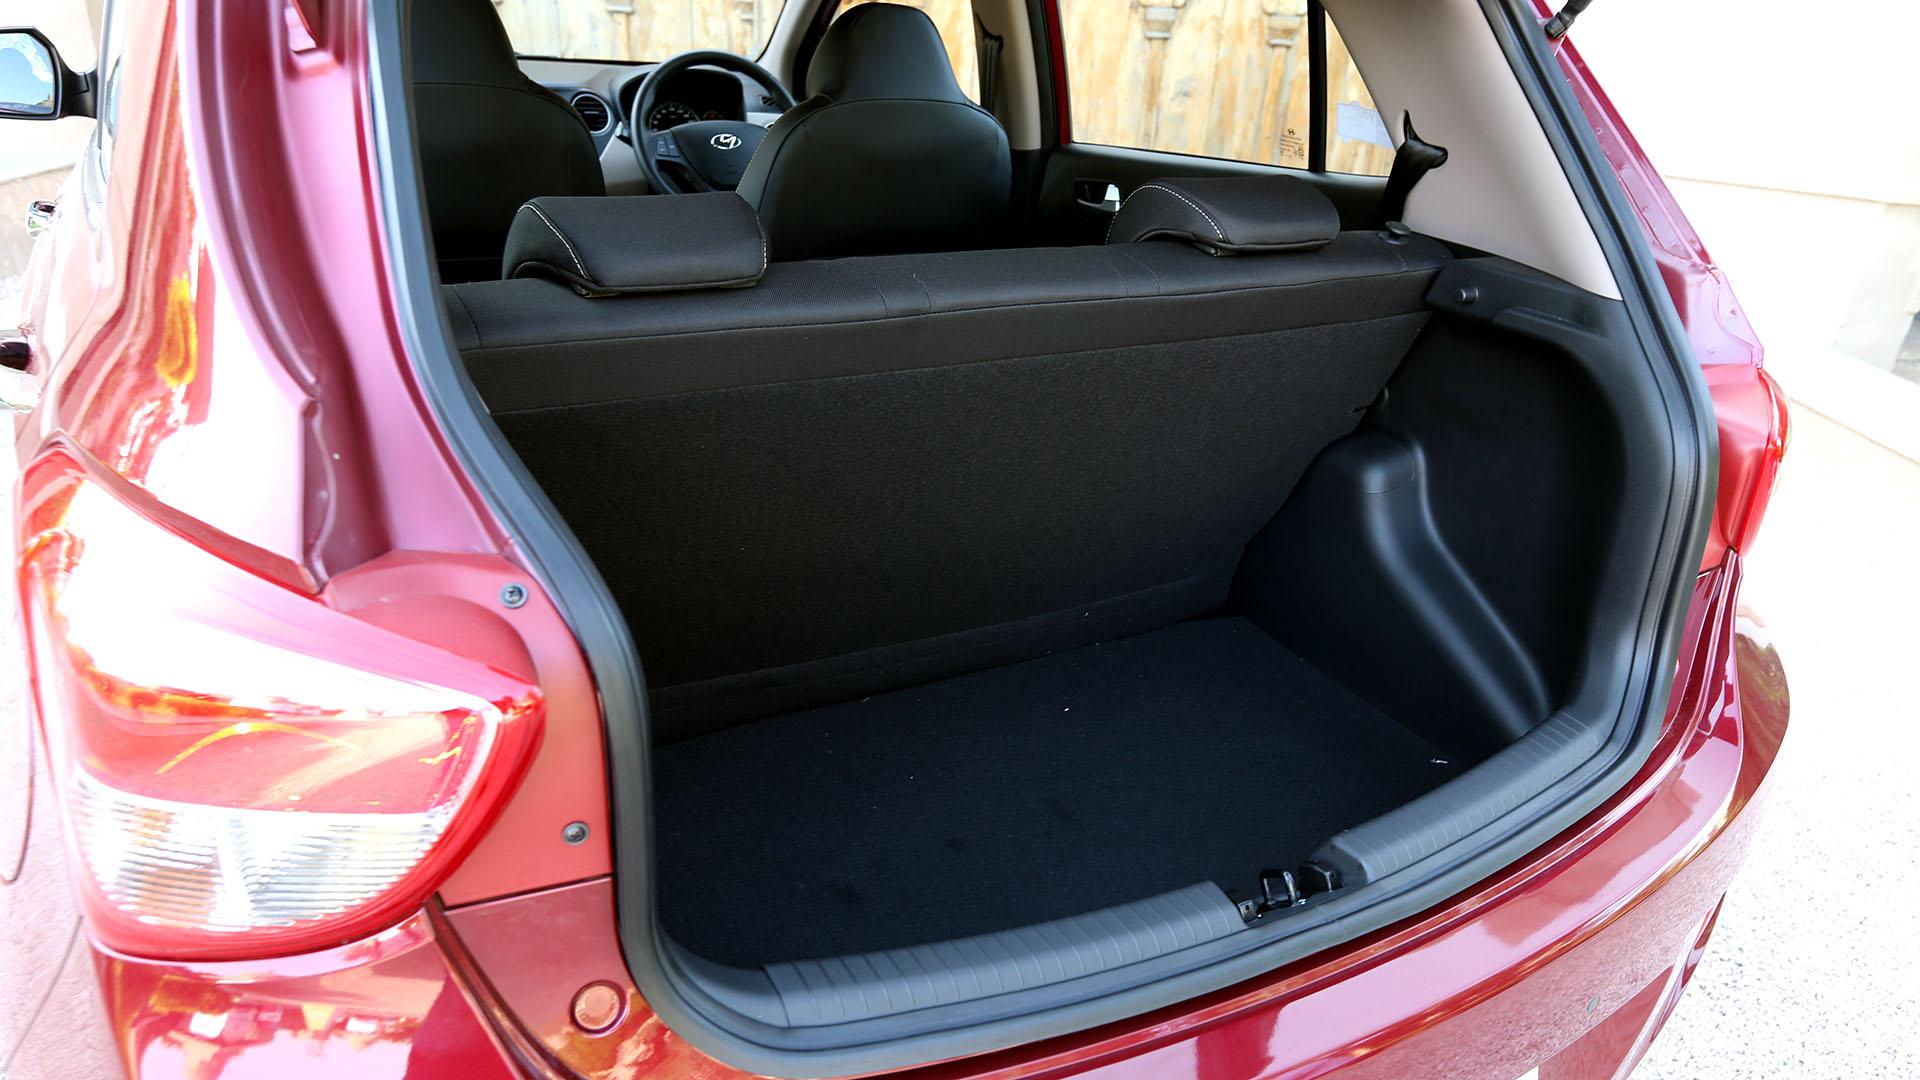 Hyundai-grand-i10-2013 Interior